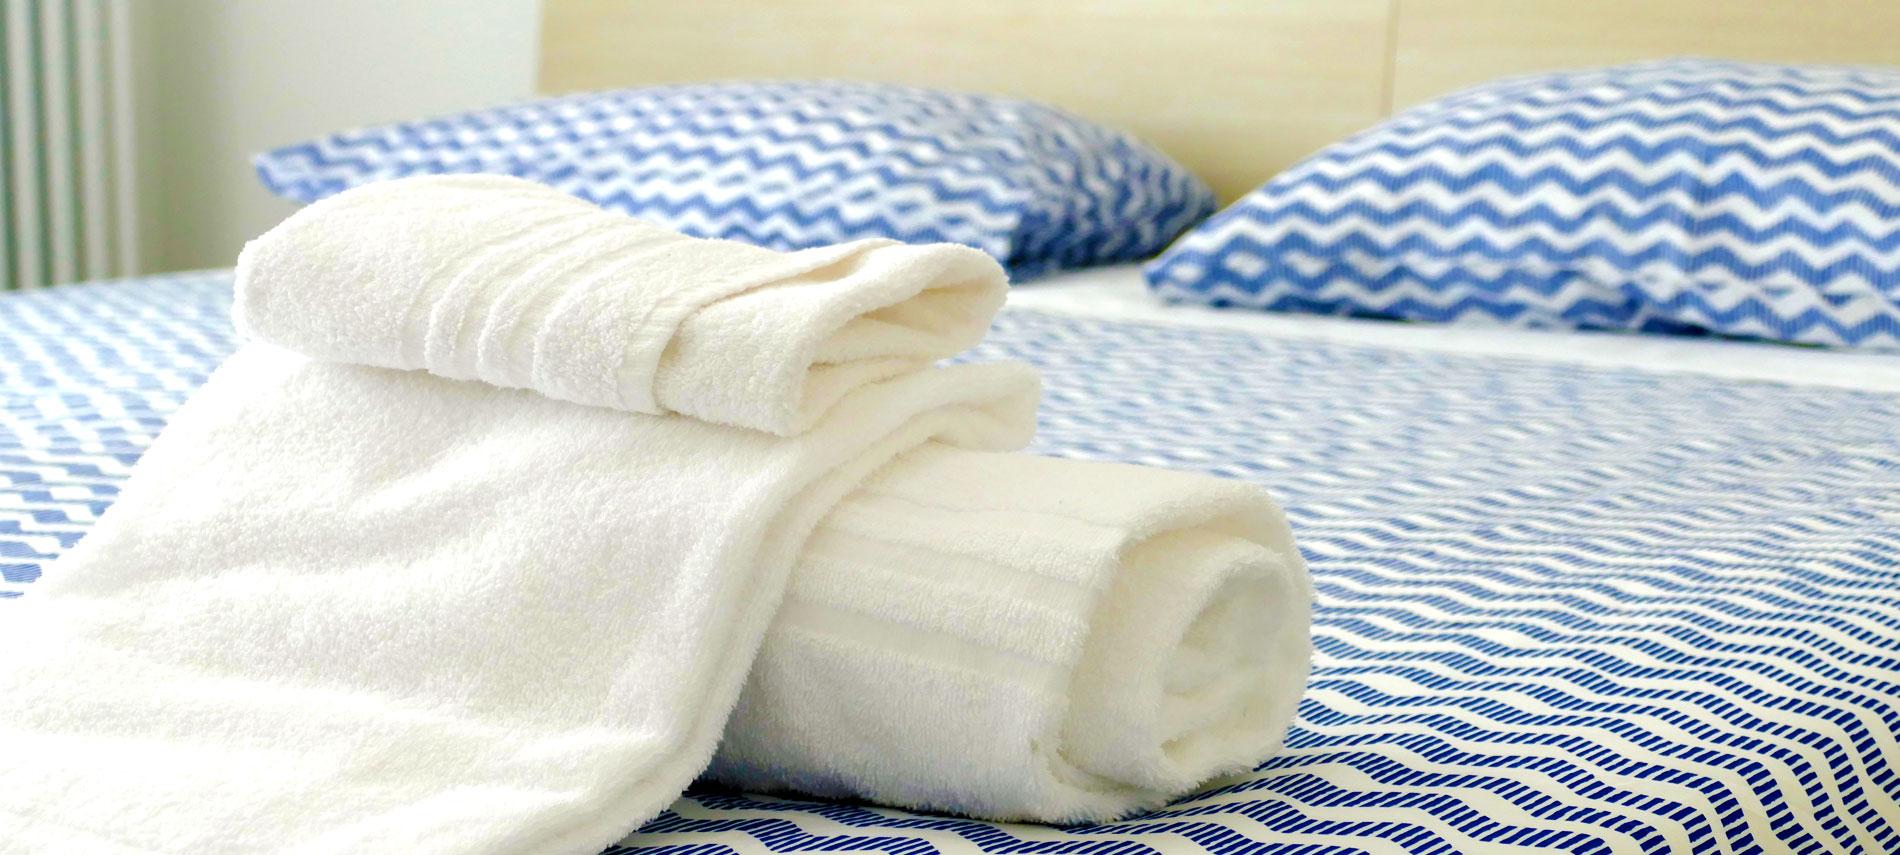 slide-2-bonelli-residence-appartamenti-case-in-affitto-vacanze-grassano-matera-basilicata-2